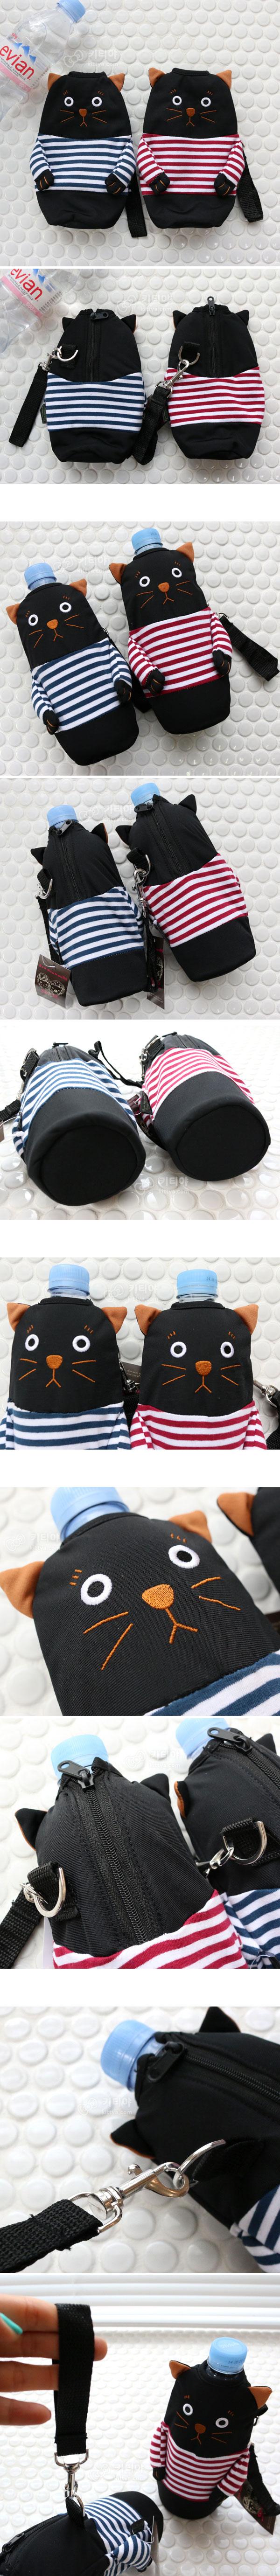 샤론 고양이 보더 인형 물병집 (택1) - 키티야, 20,800원, 보틀/텀블러, 플라스틱 텀블러